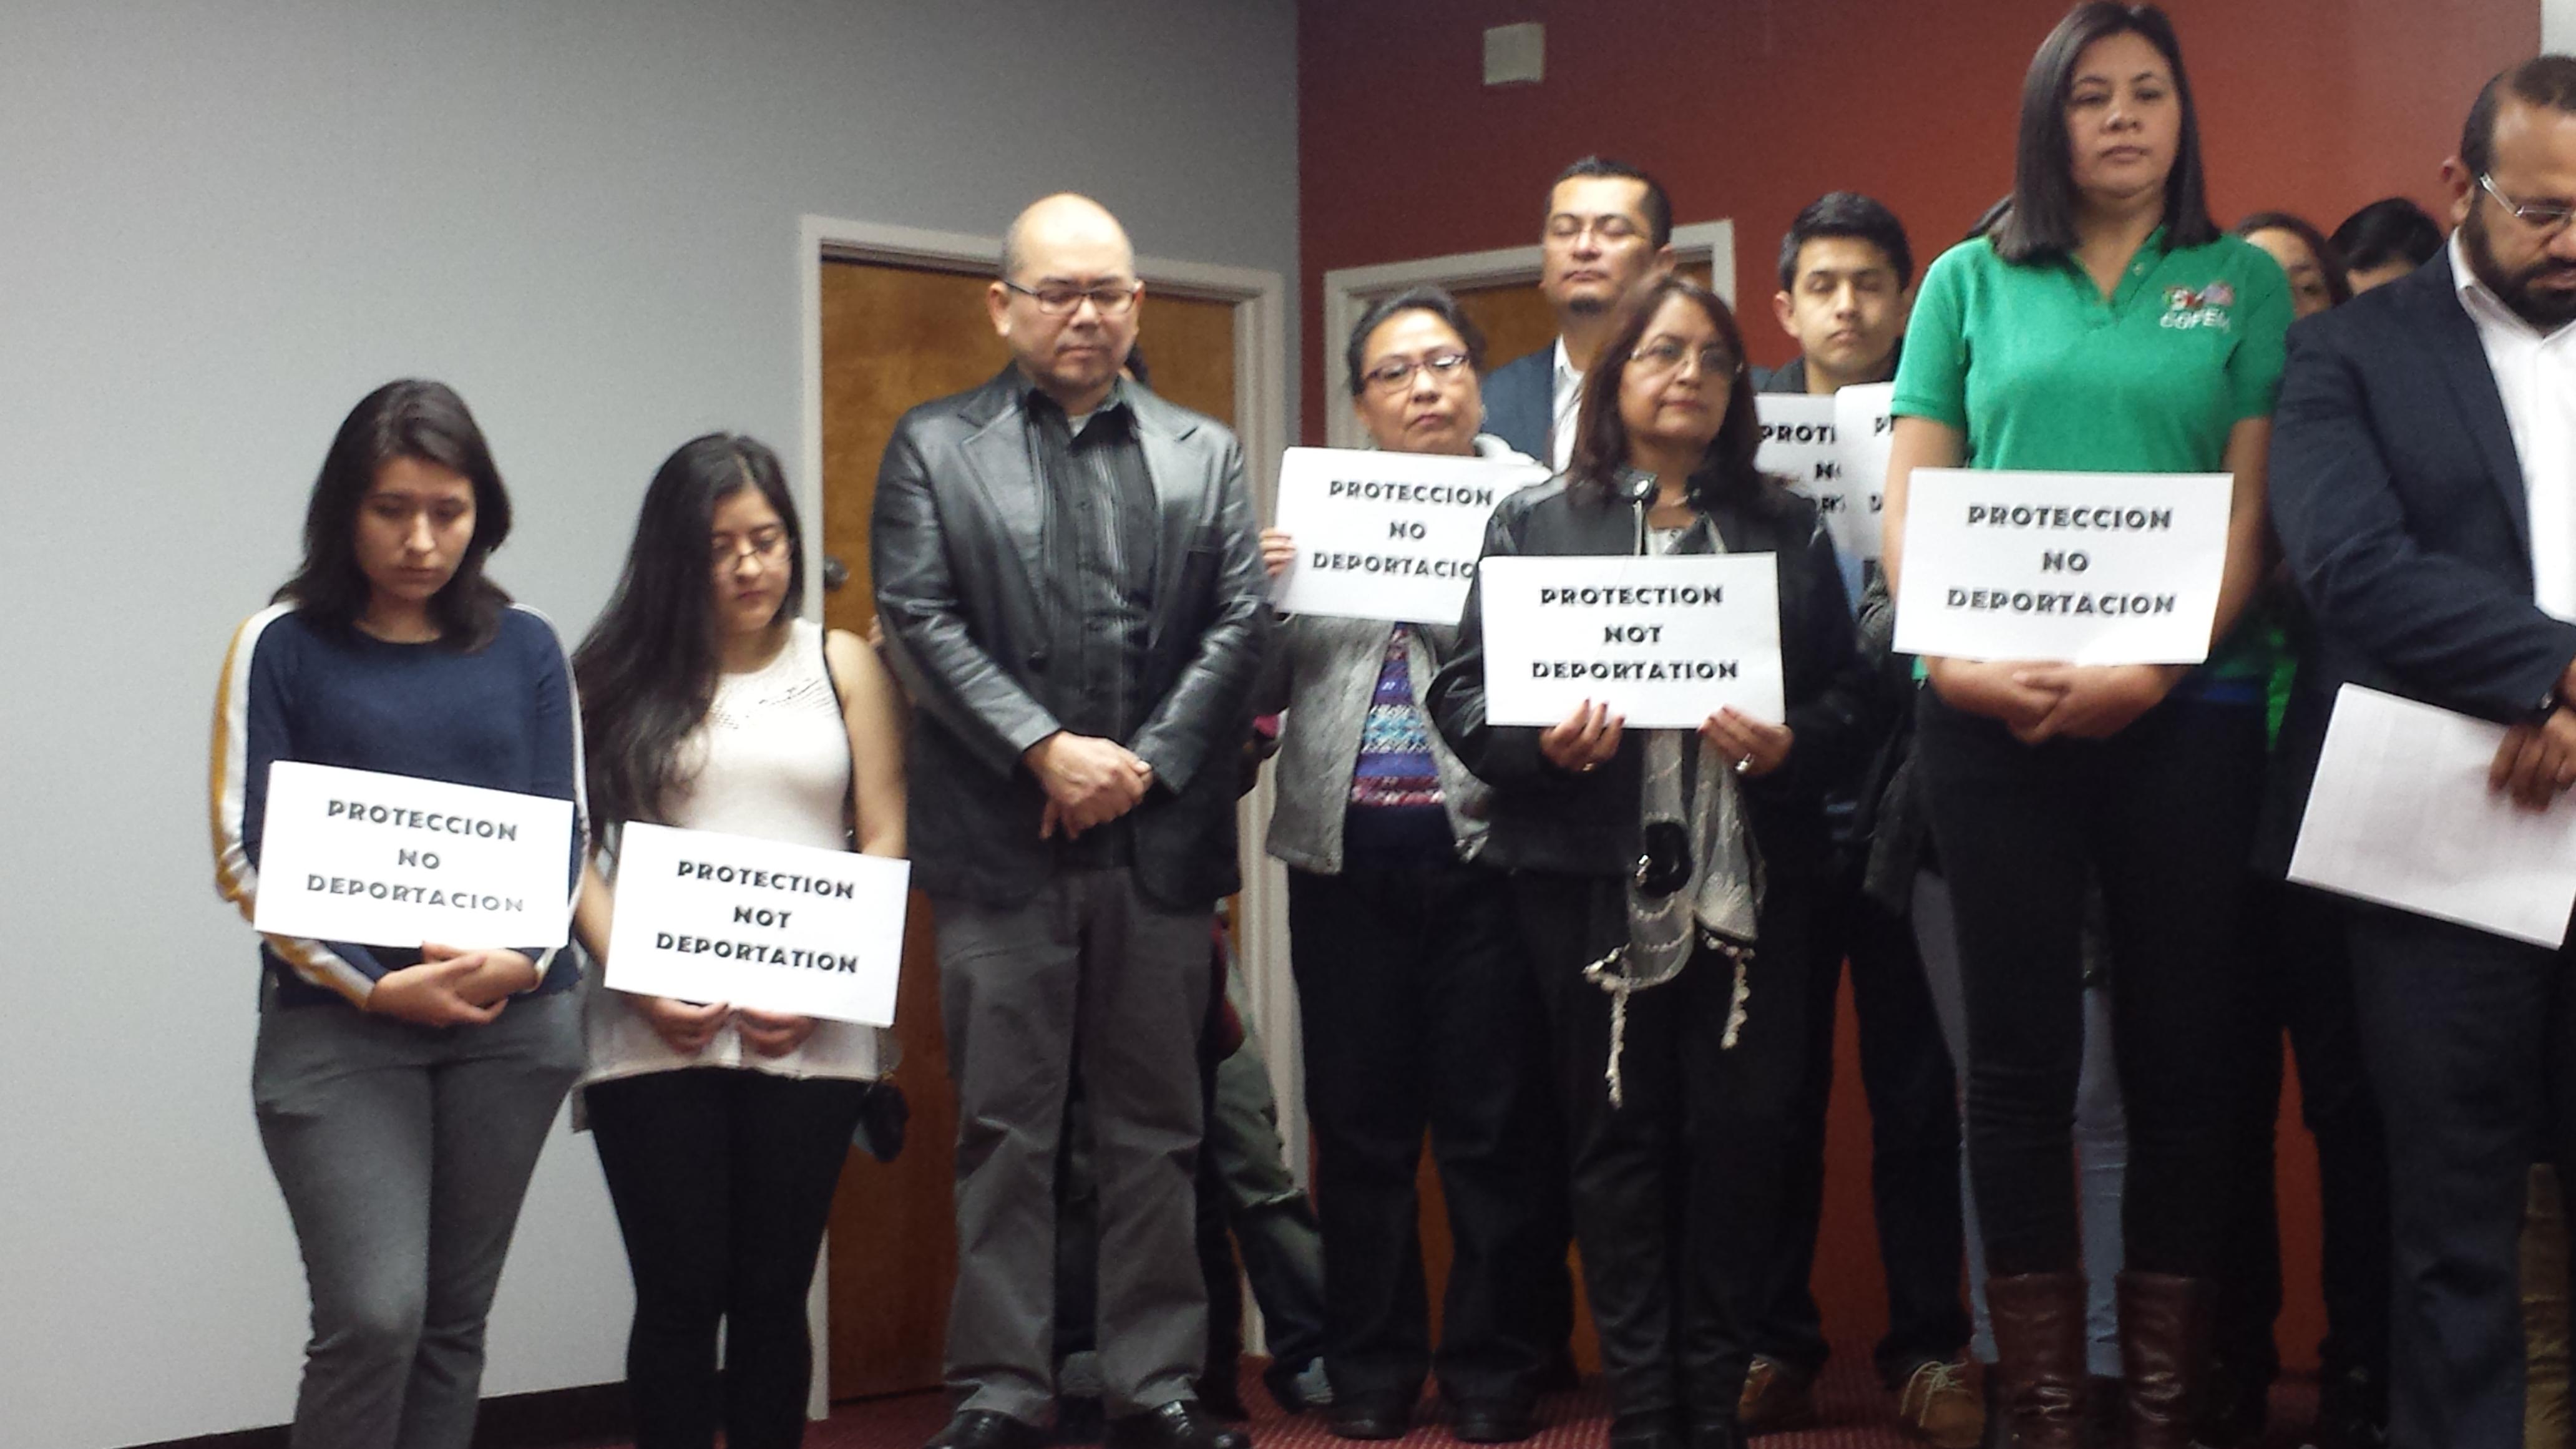 La comunidad angelina se solidariza con los refugiados centroamericanos. Foto: Rubén Tapia.